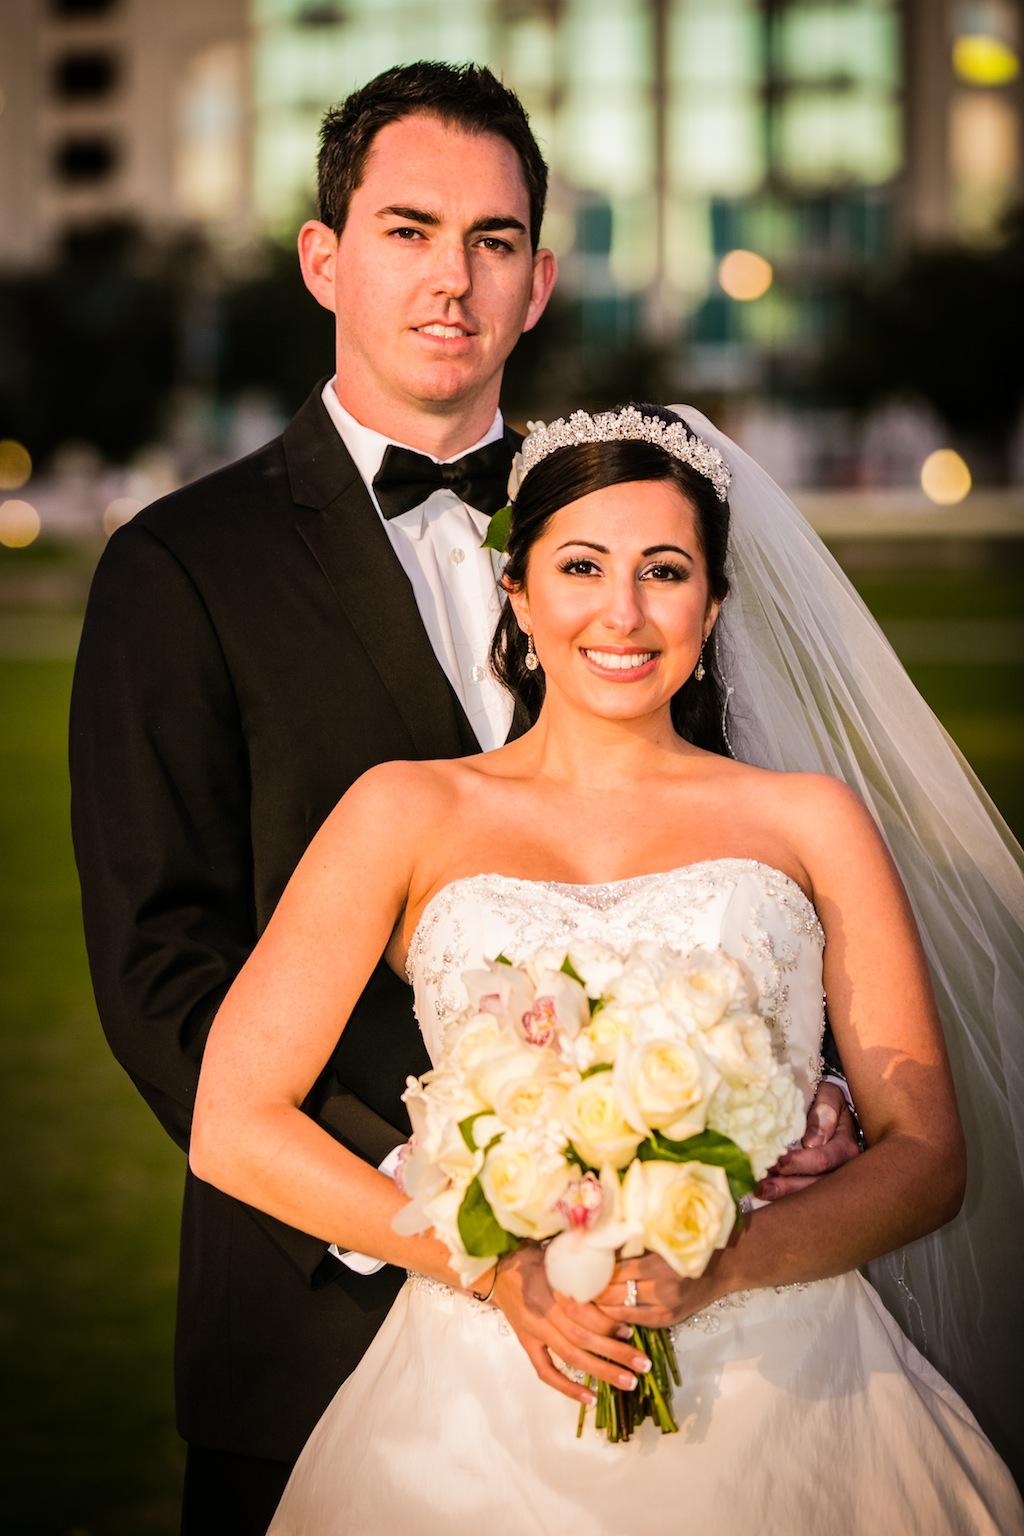 Floridan Palace Wedding, Downtown Tampa - Tampa Wedding Planner Burkle Events & Tampa Wedding Photographer Gary Kaplan Photography (22)